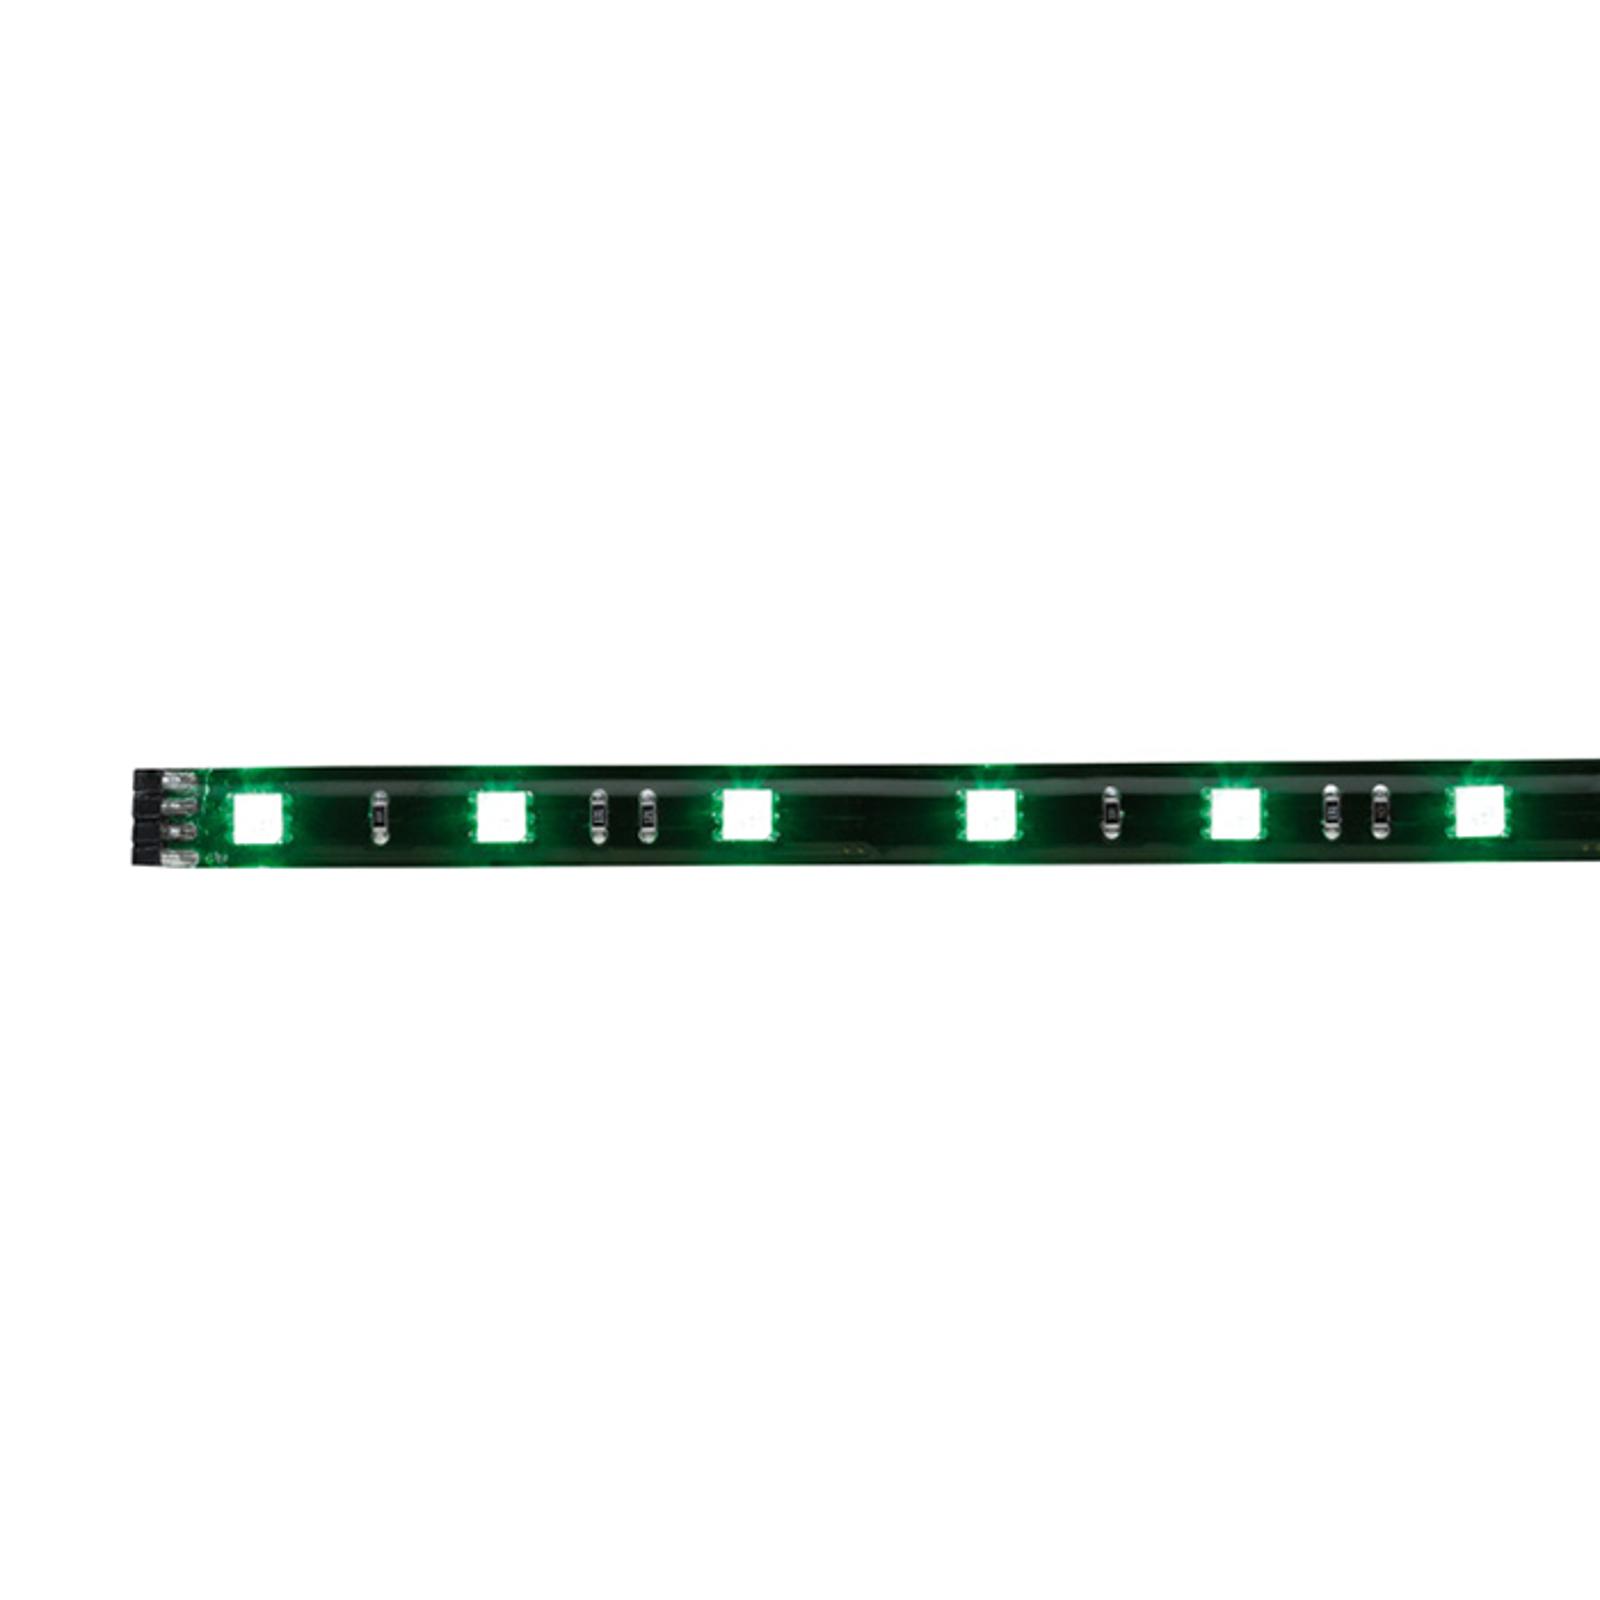 Zwarte led-strip met RGB-kleurenwisseling